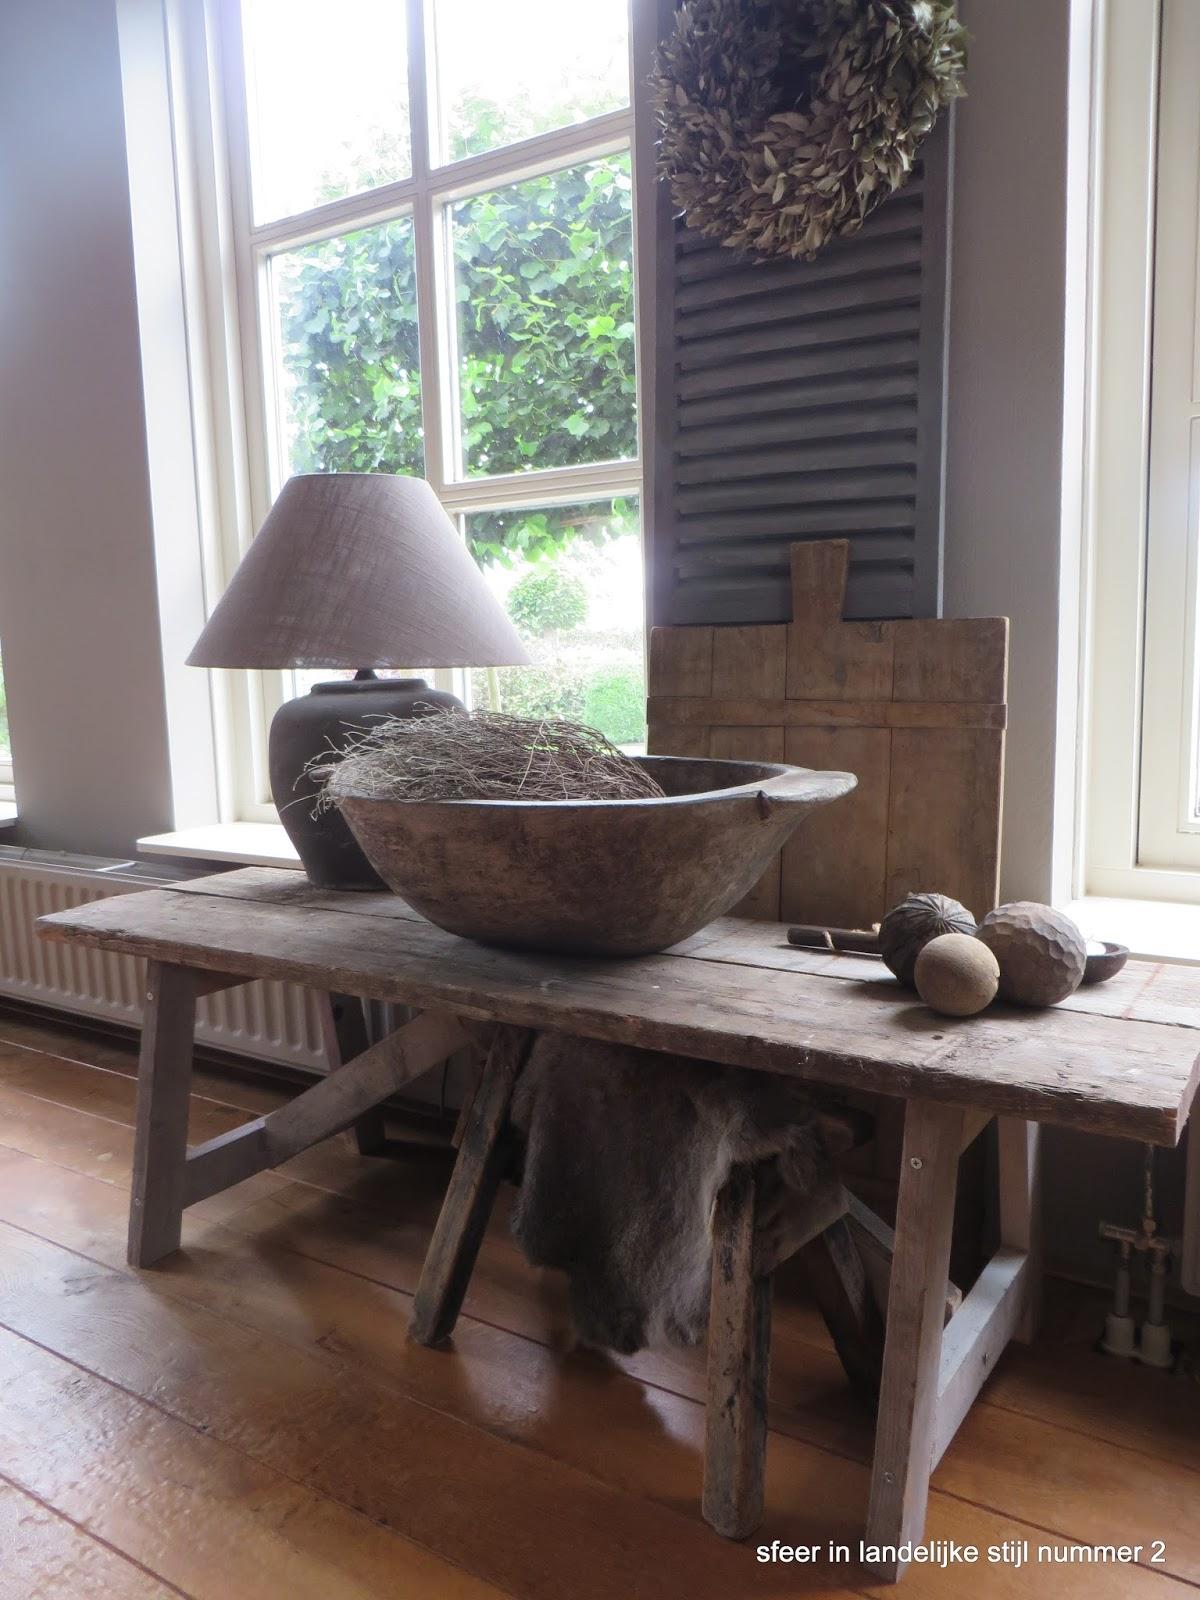 sfeer in landelijke stijl nummer 2 zonnetje in huis